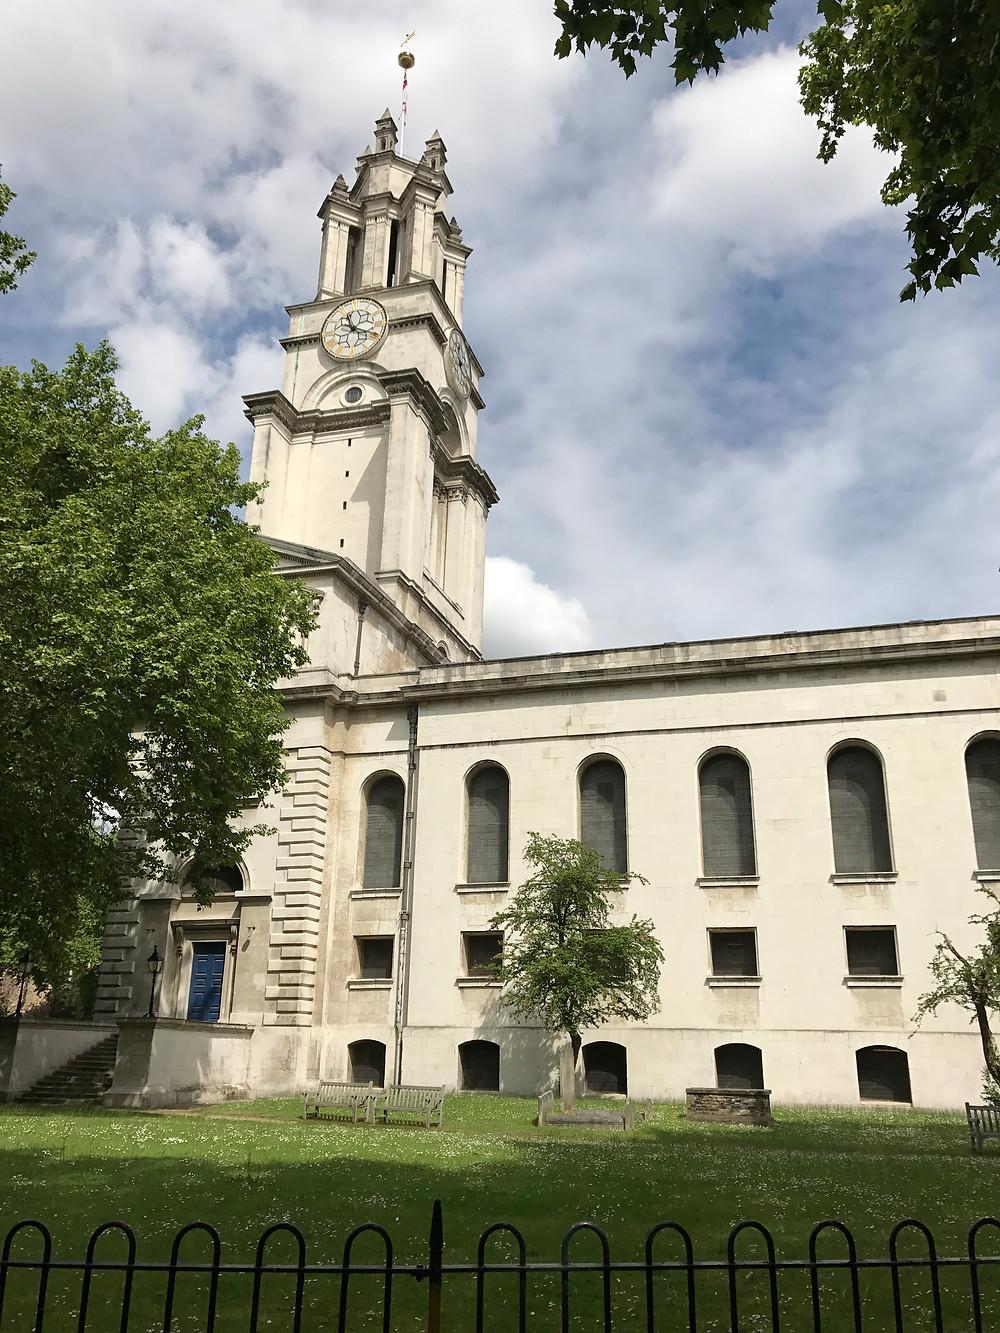 St. Anne's Church, Limehouse.